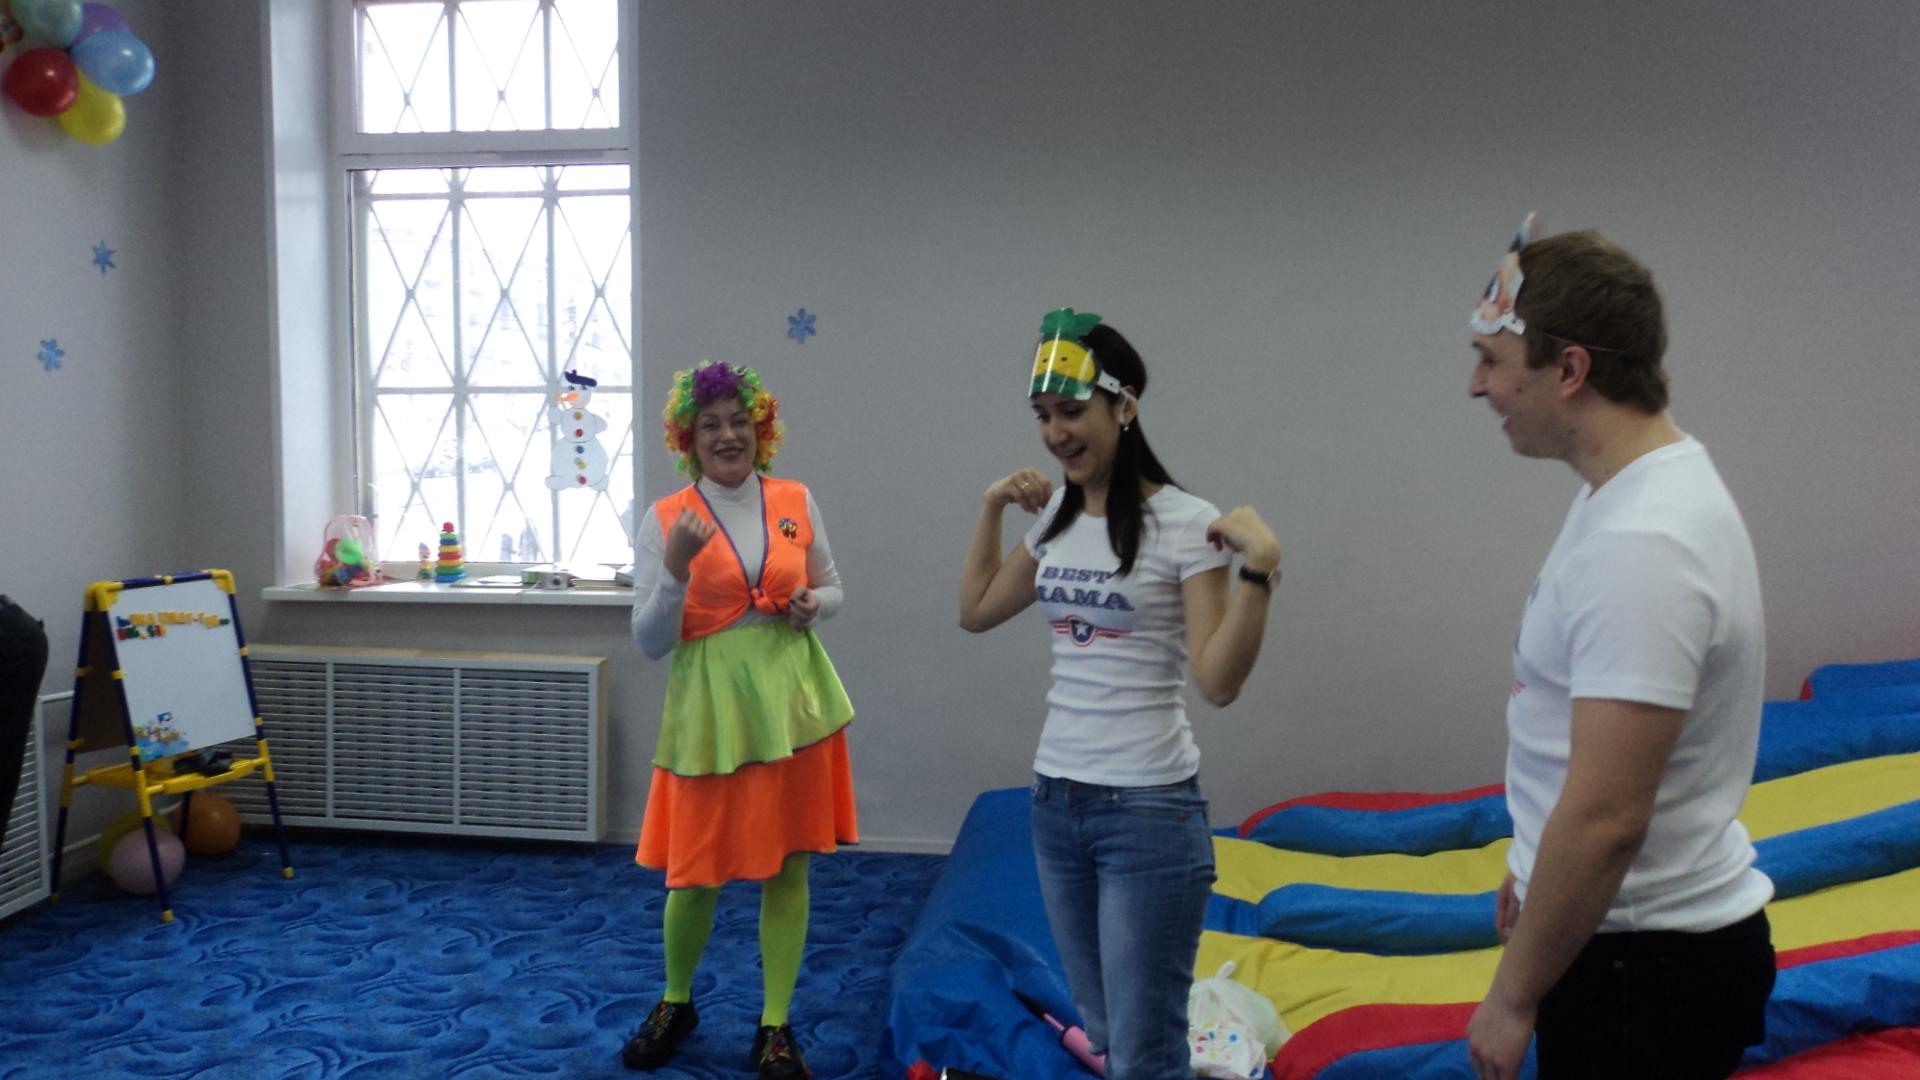 детский праздник в бассейне видео просмо